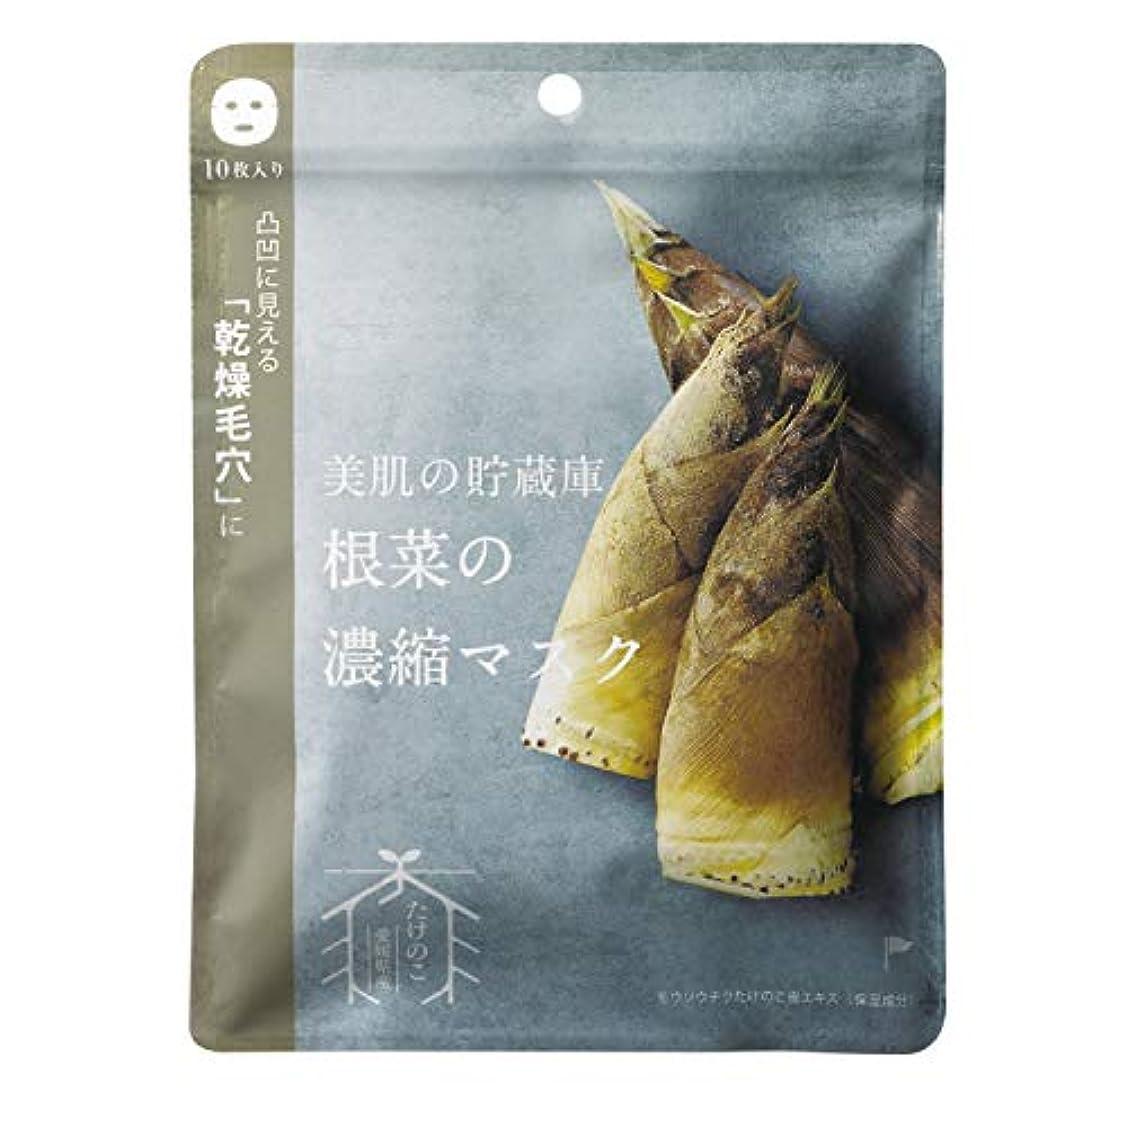 座る義務づける悲しい@cosme nippon 美肌の貯蔵庫 根菜の濃縮マスク 孟宗竹たけのこ 10枚 160ml